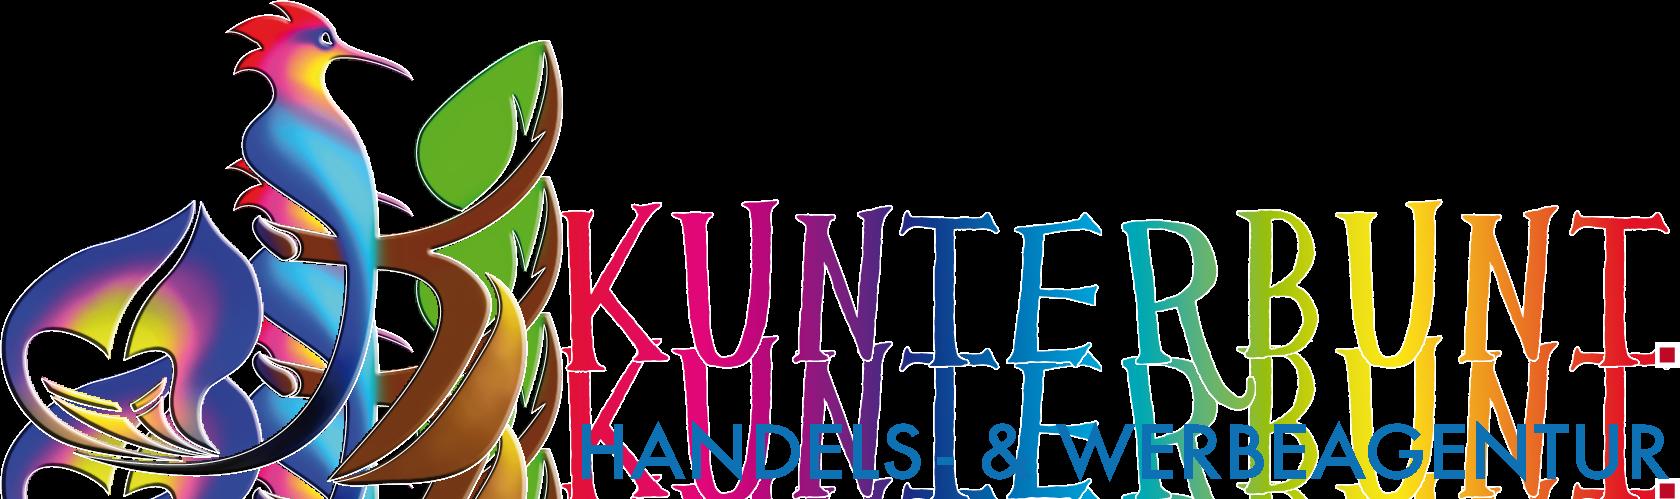 kunterbunt-handels-werbeagentur-logo_s